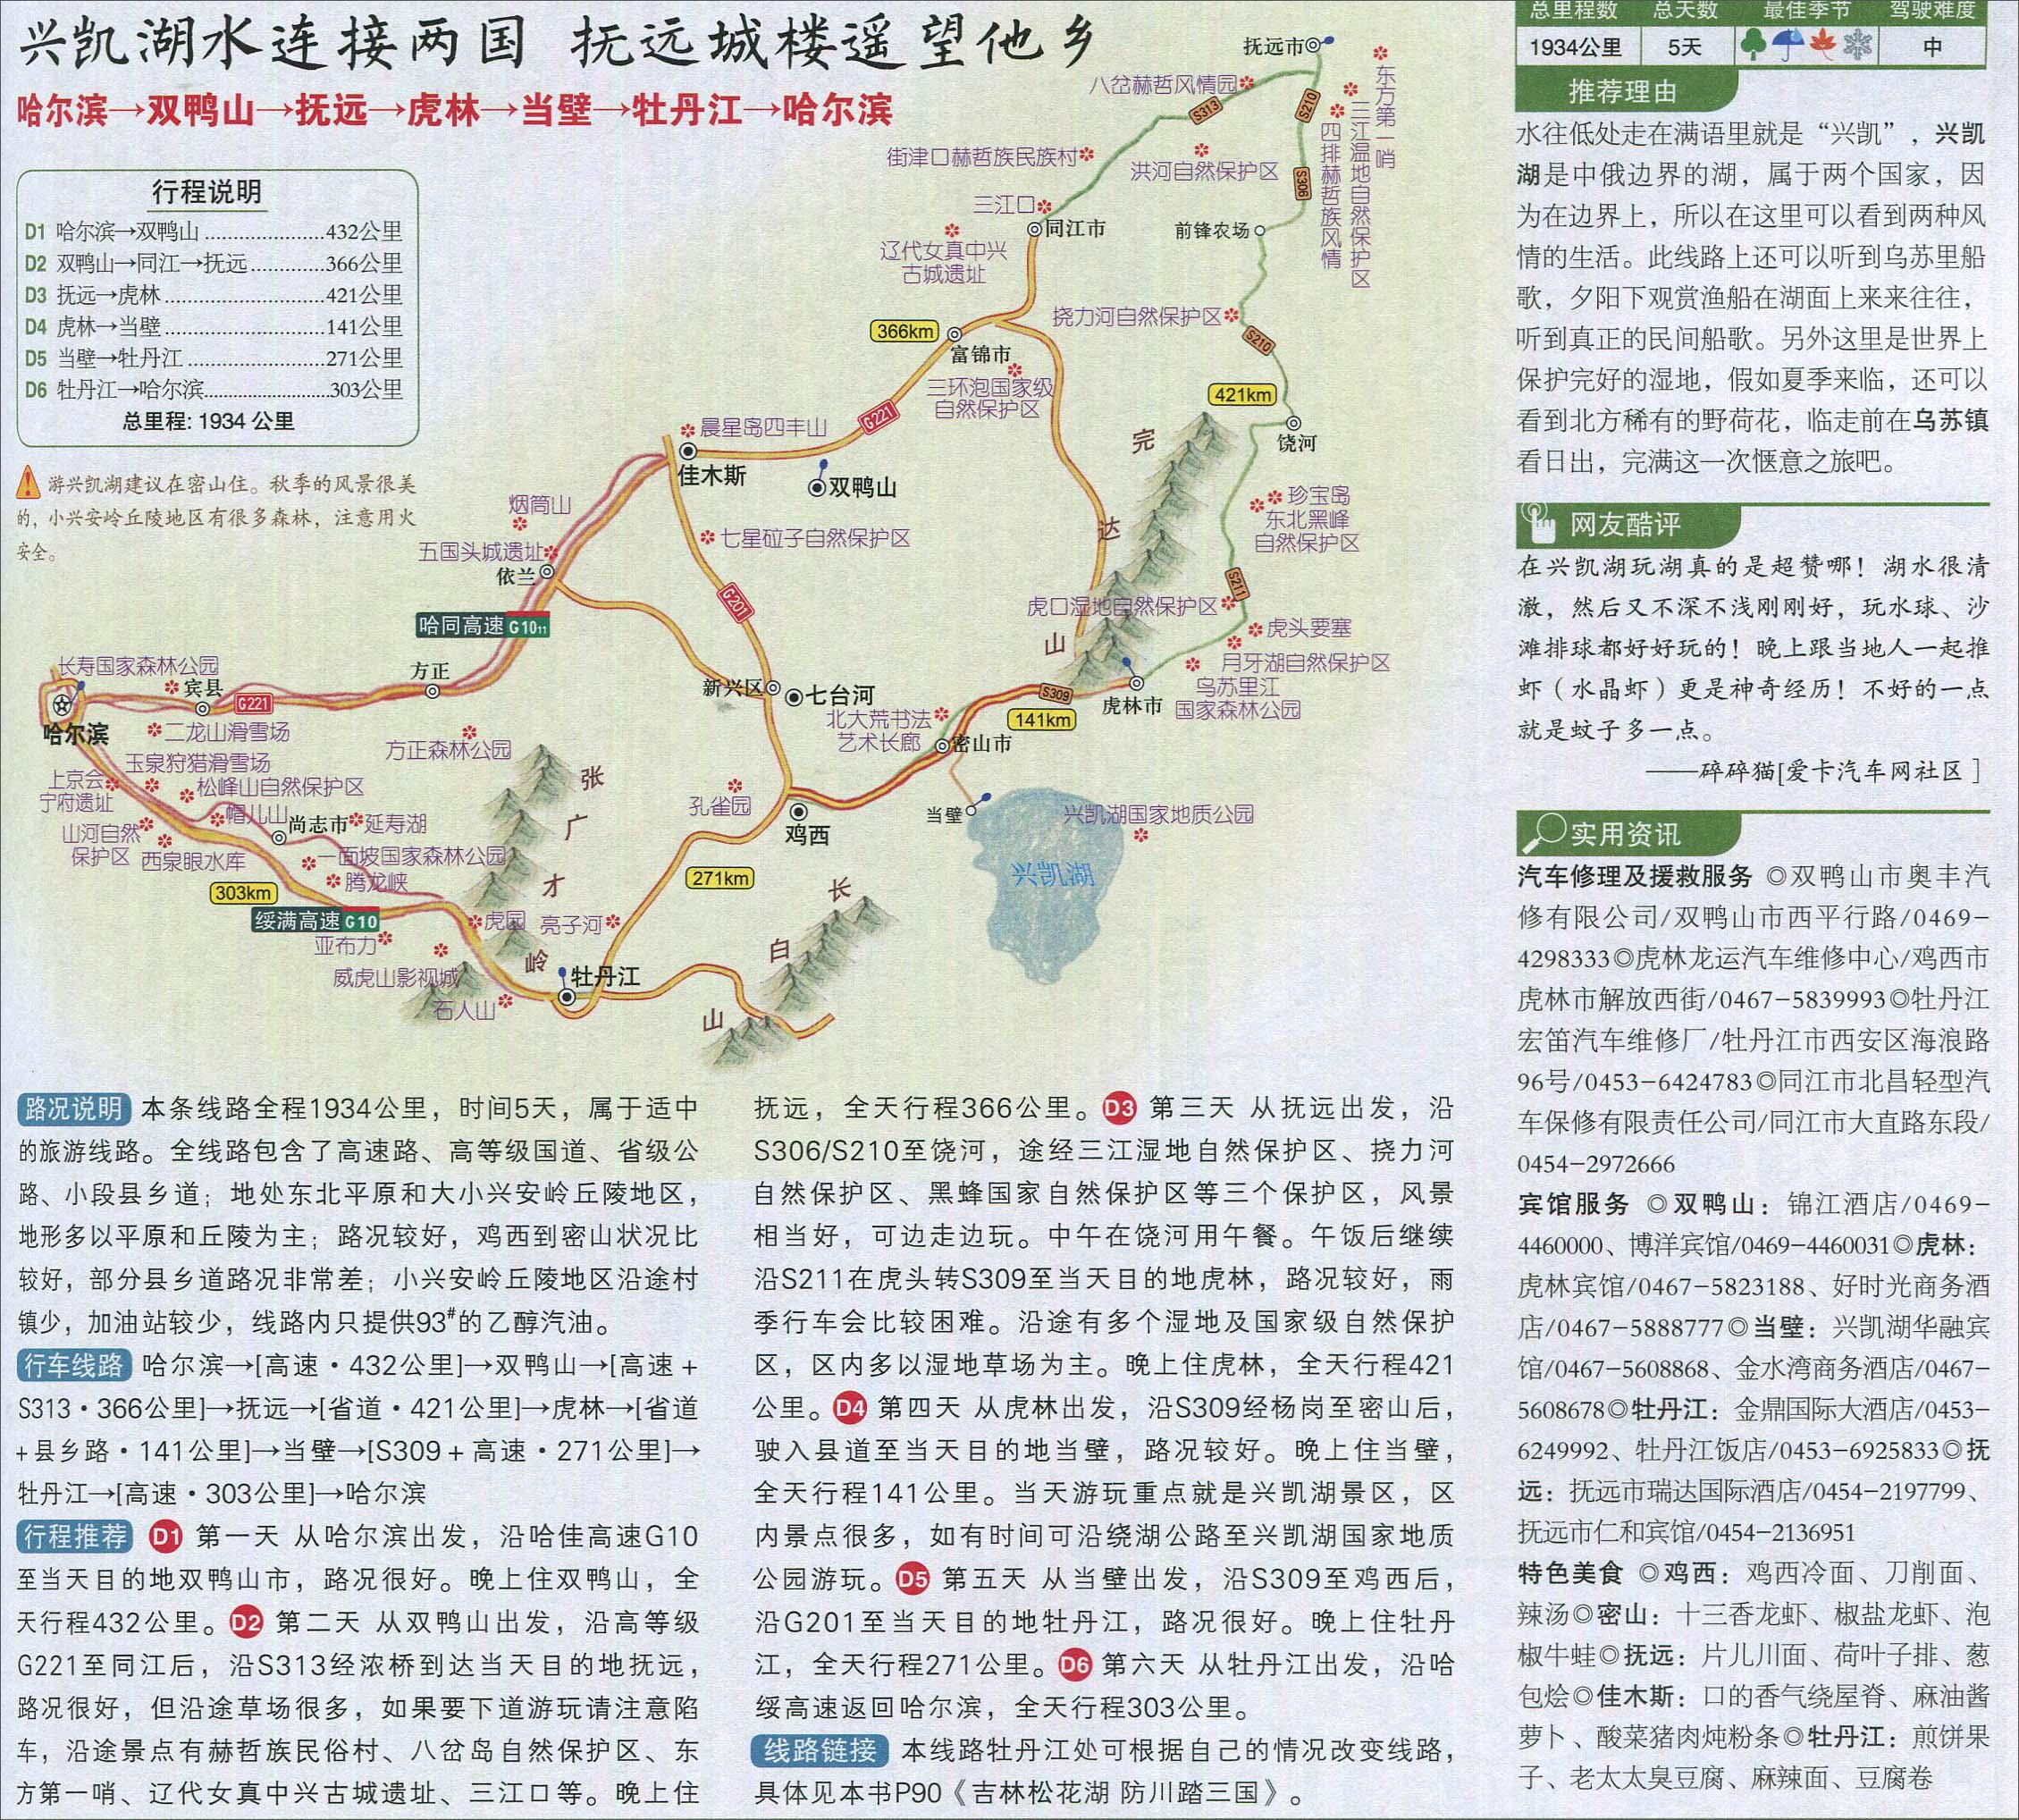 哈尔滨至虎林自驾游路线图